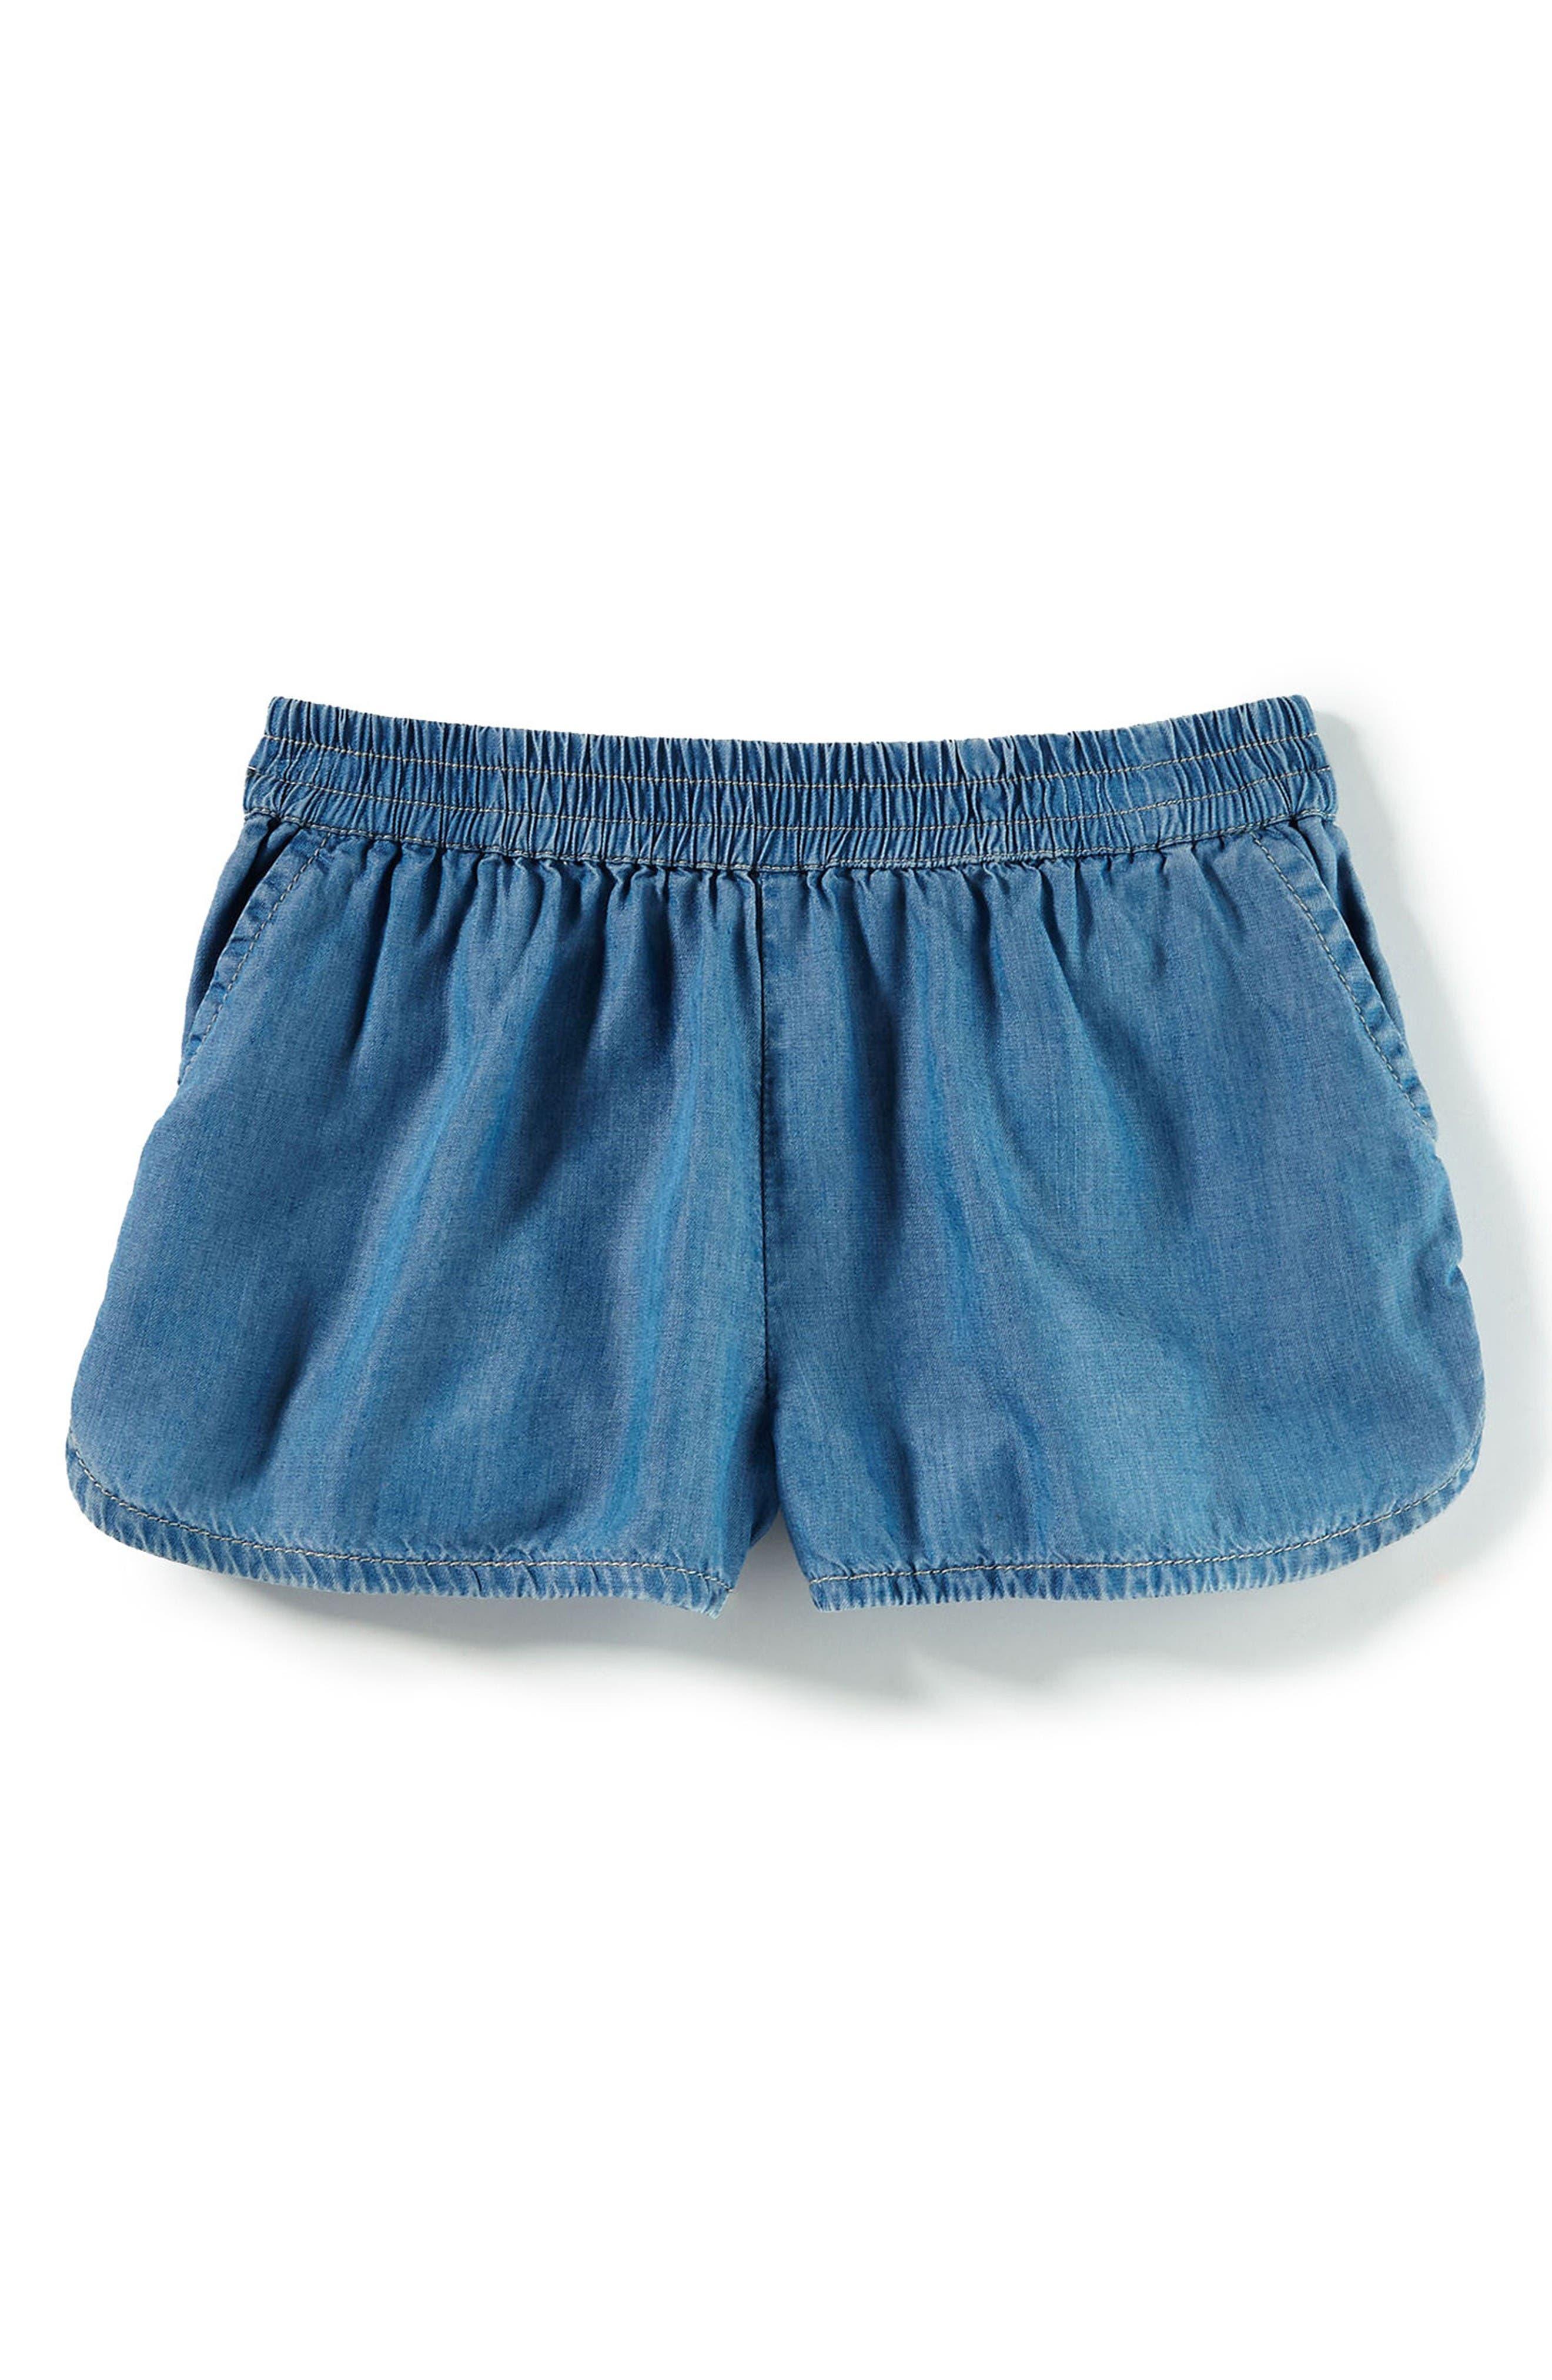 PEEK Dolphin Shorts